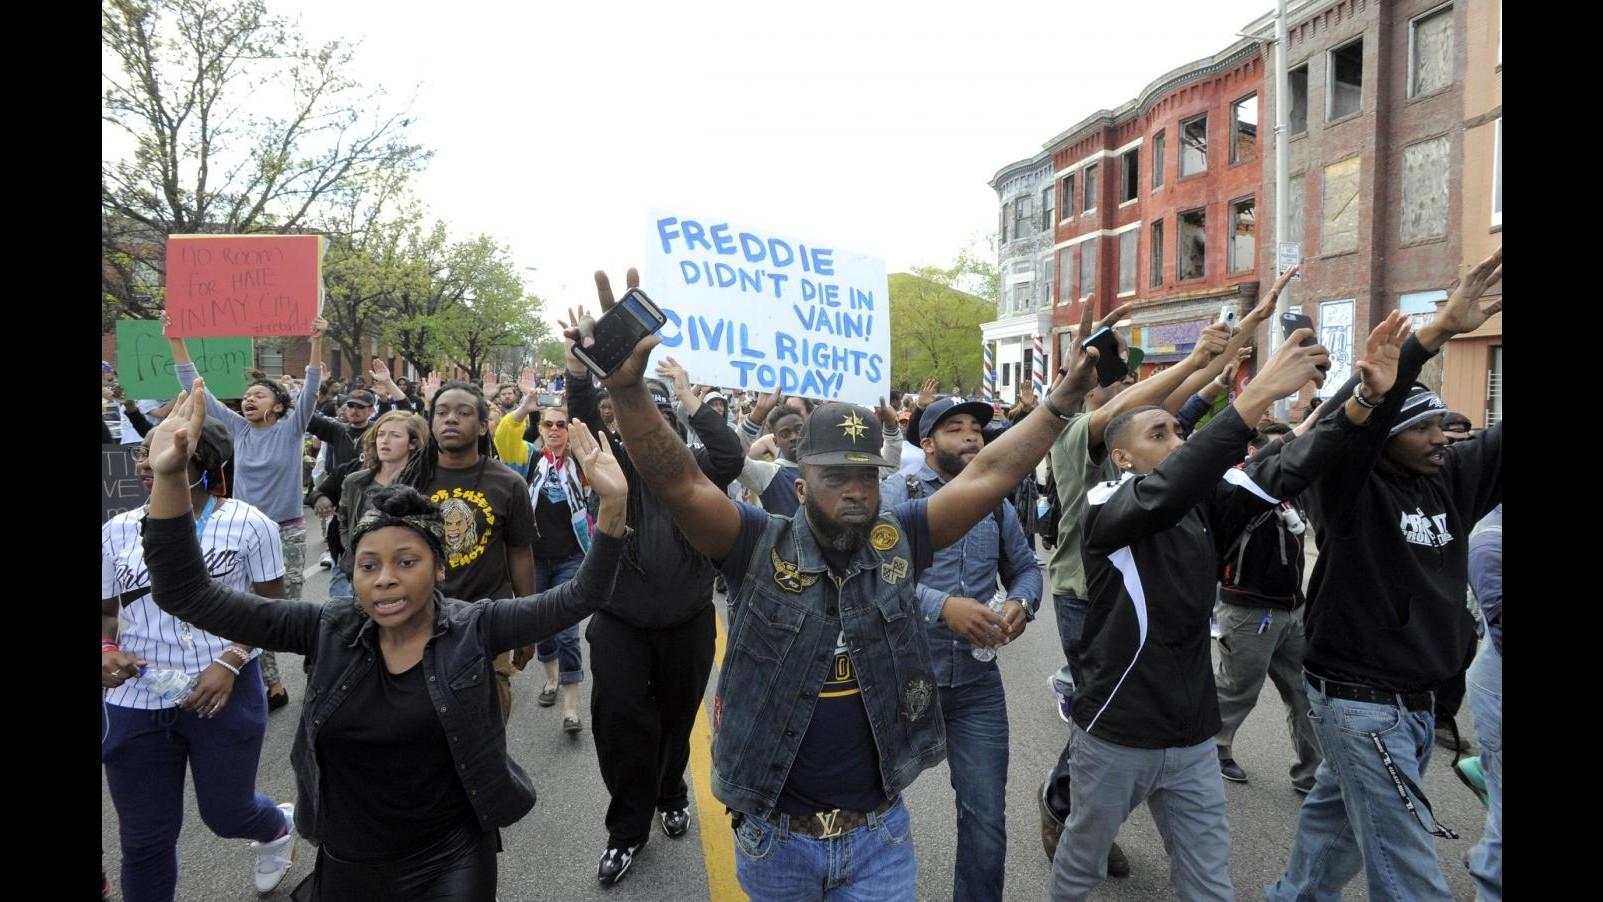 Usa, ancora tensioni a Baltimora: violato coprifuoco, 10 arresti